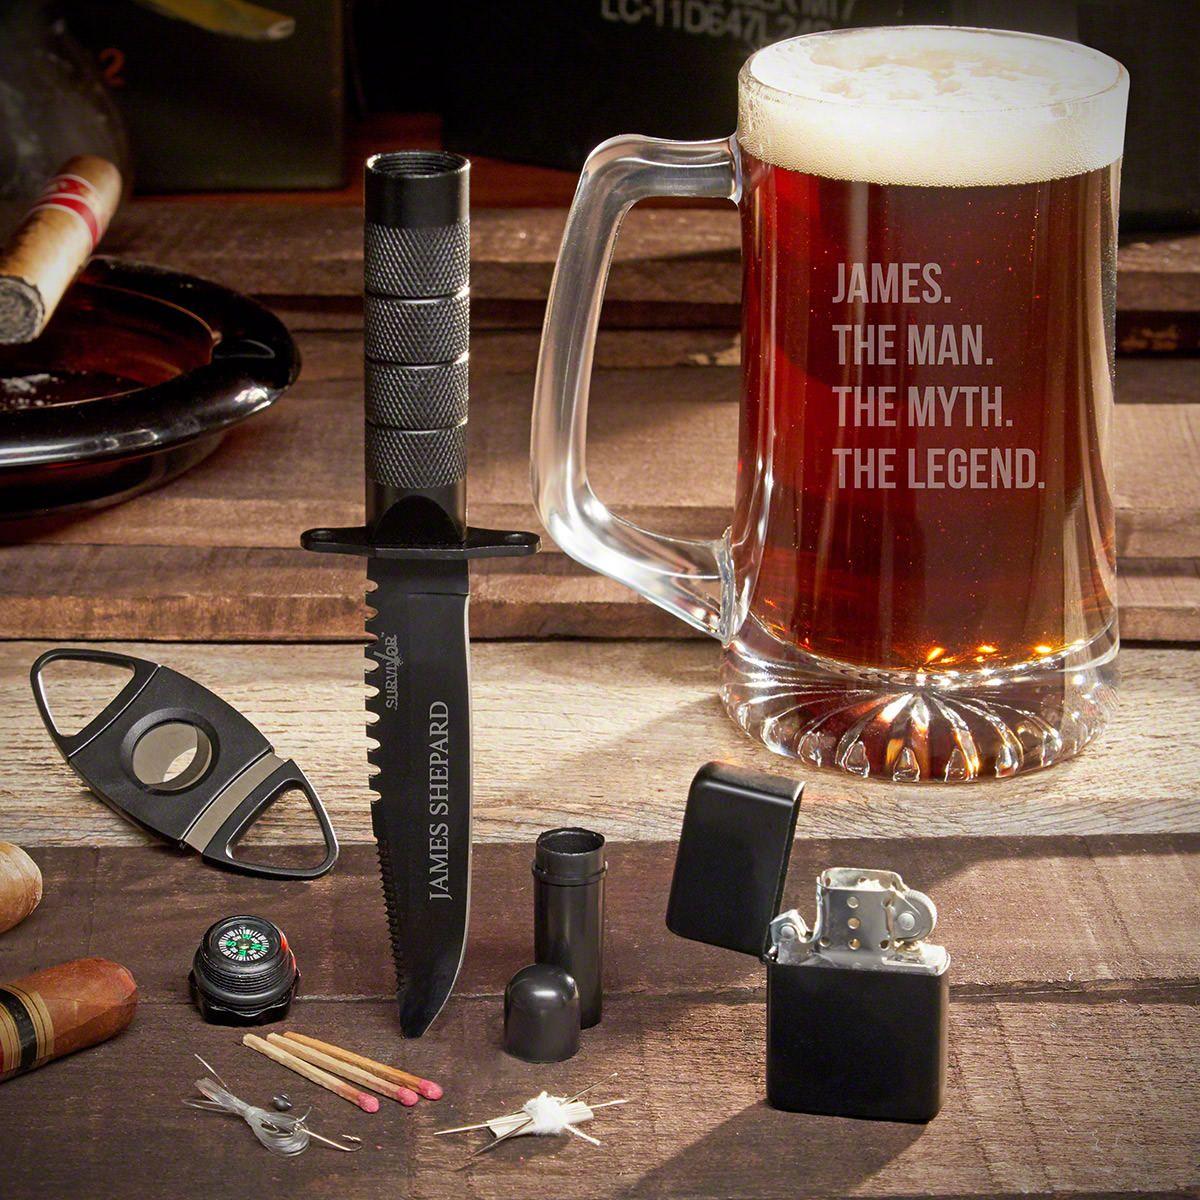 Man Myth Legend Custom Beer Mug Gift Set